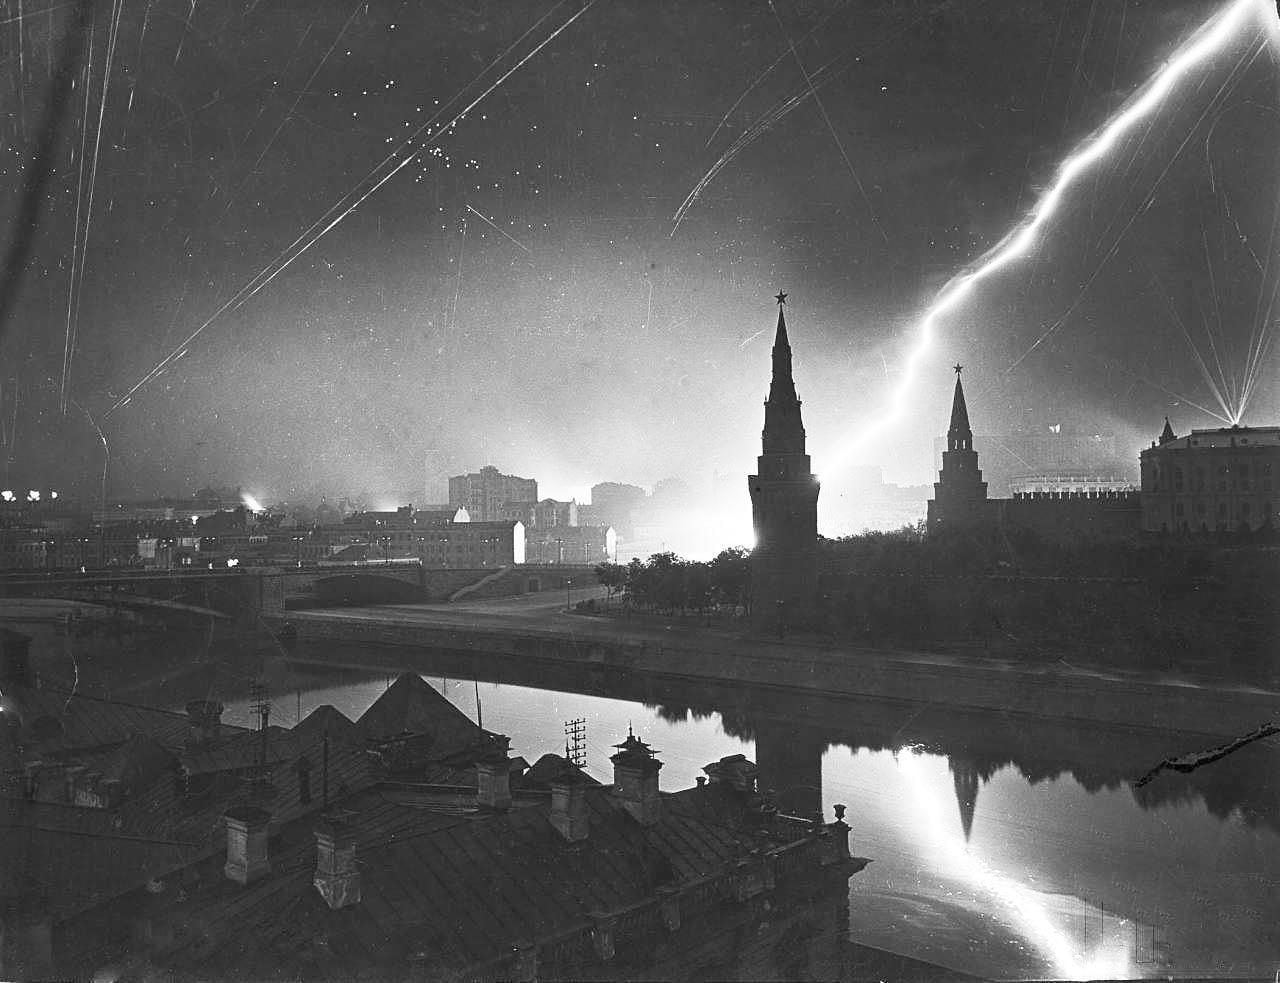 Nalet-nemetskoy-aviatsii-na-Moskvu-26-iyulya-1941-goda